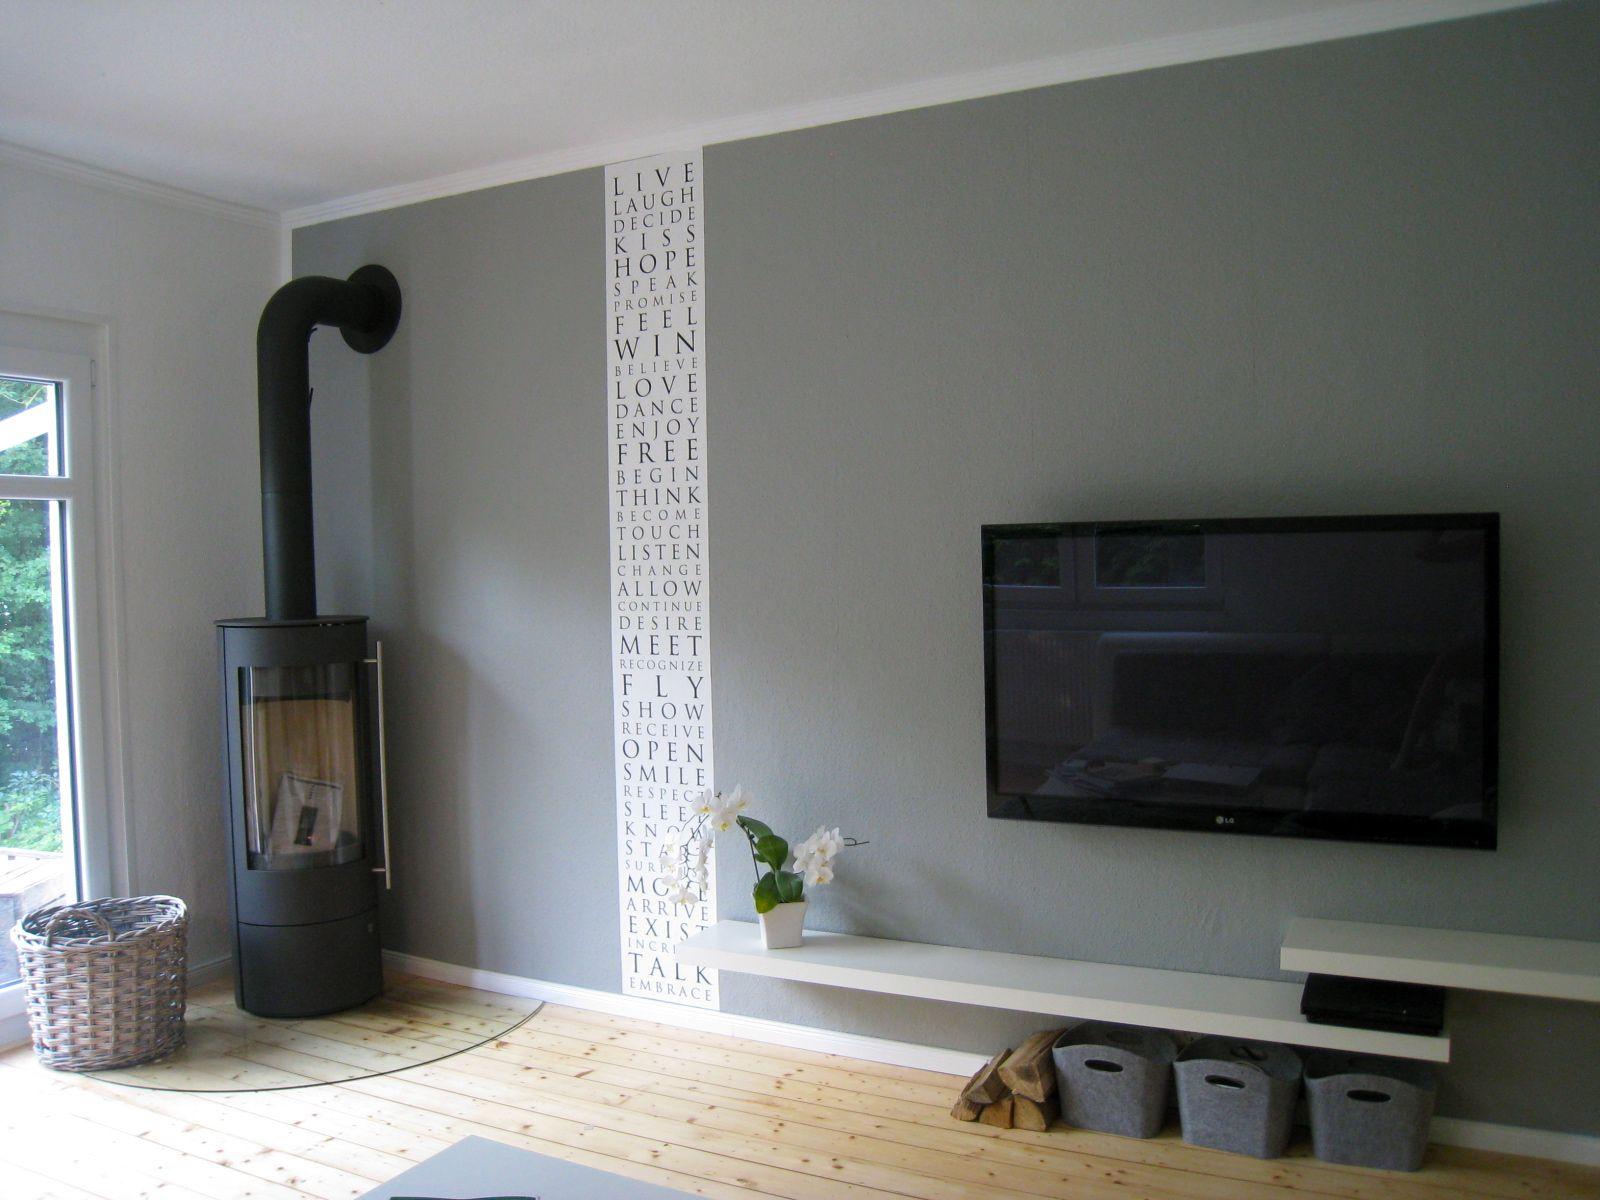 Wandfarben Ideen Wohnzimmer Grau Lila – sehremini